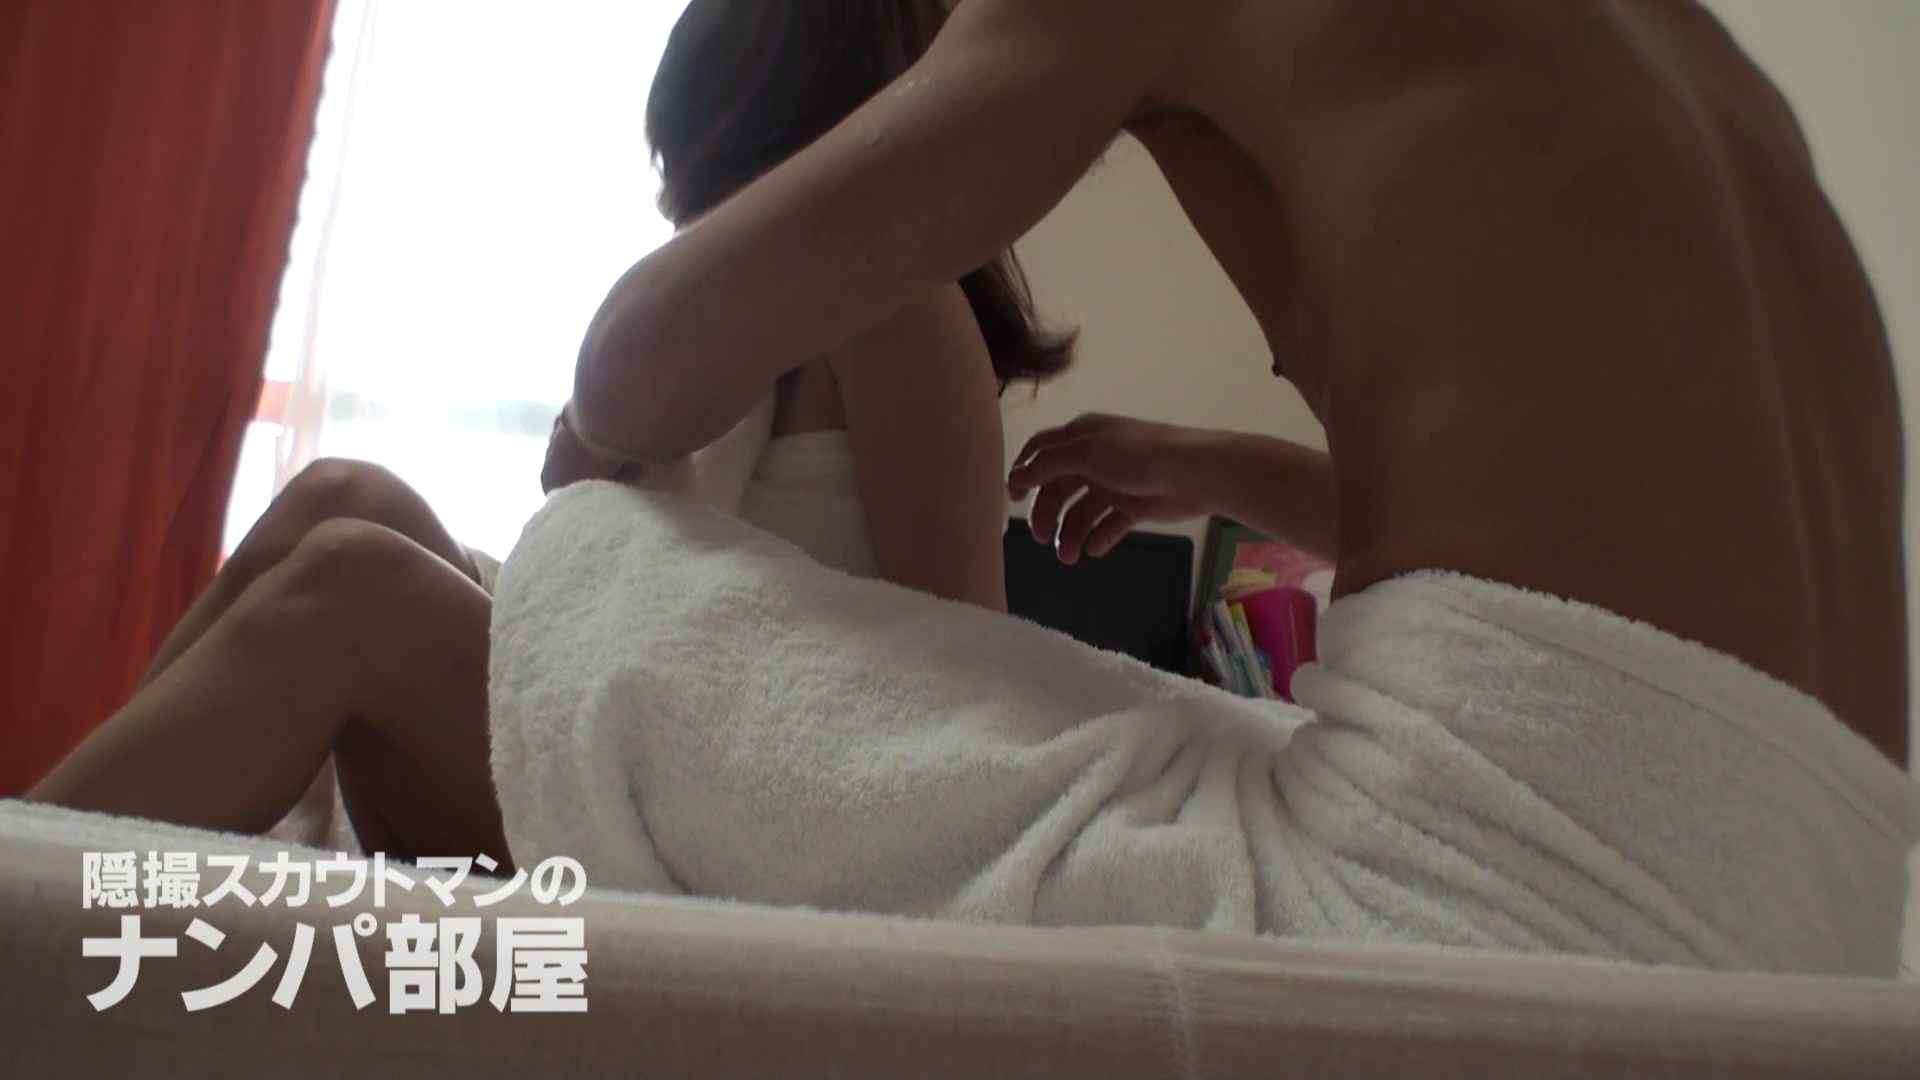 隠撮スカウトマンのナンパ部屋~風俗デビュー前のつまみ食い~ sii 脱衣所  90連発 57